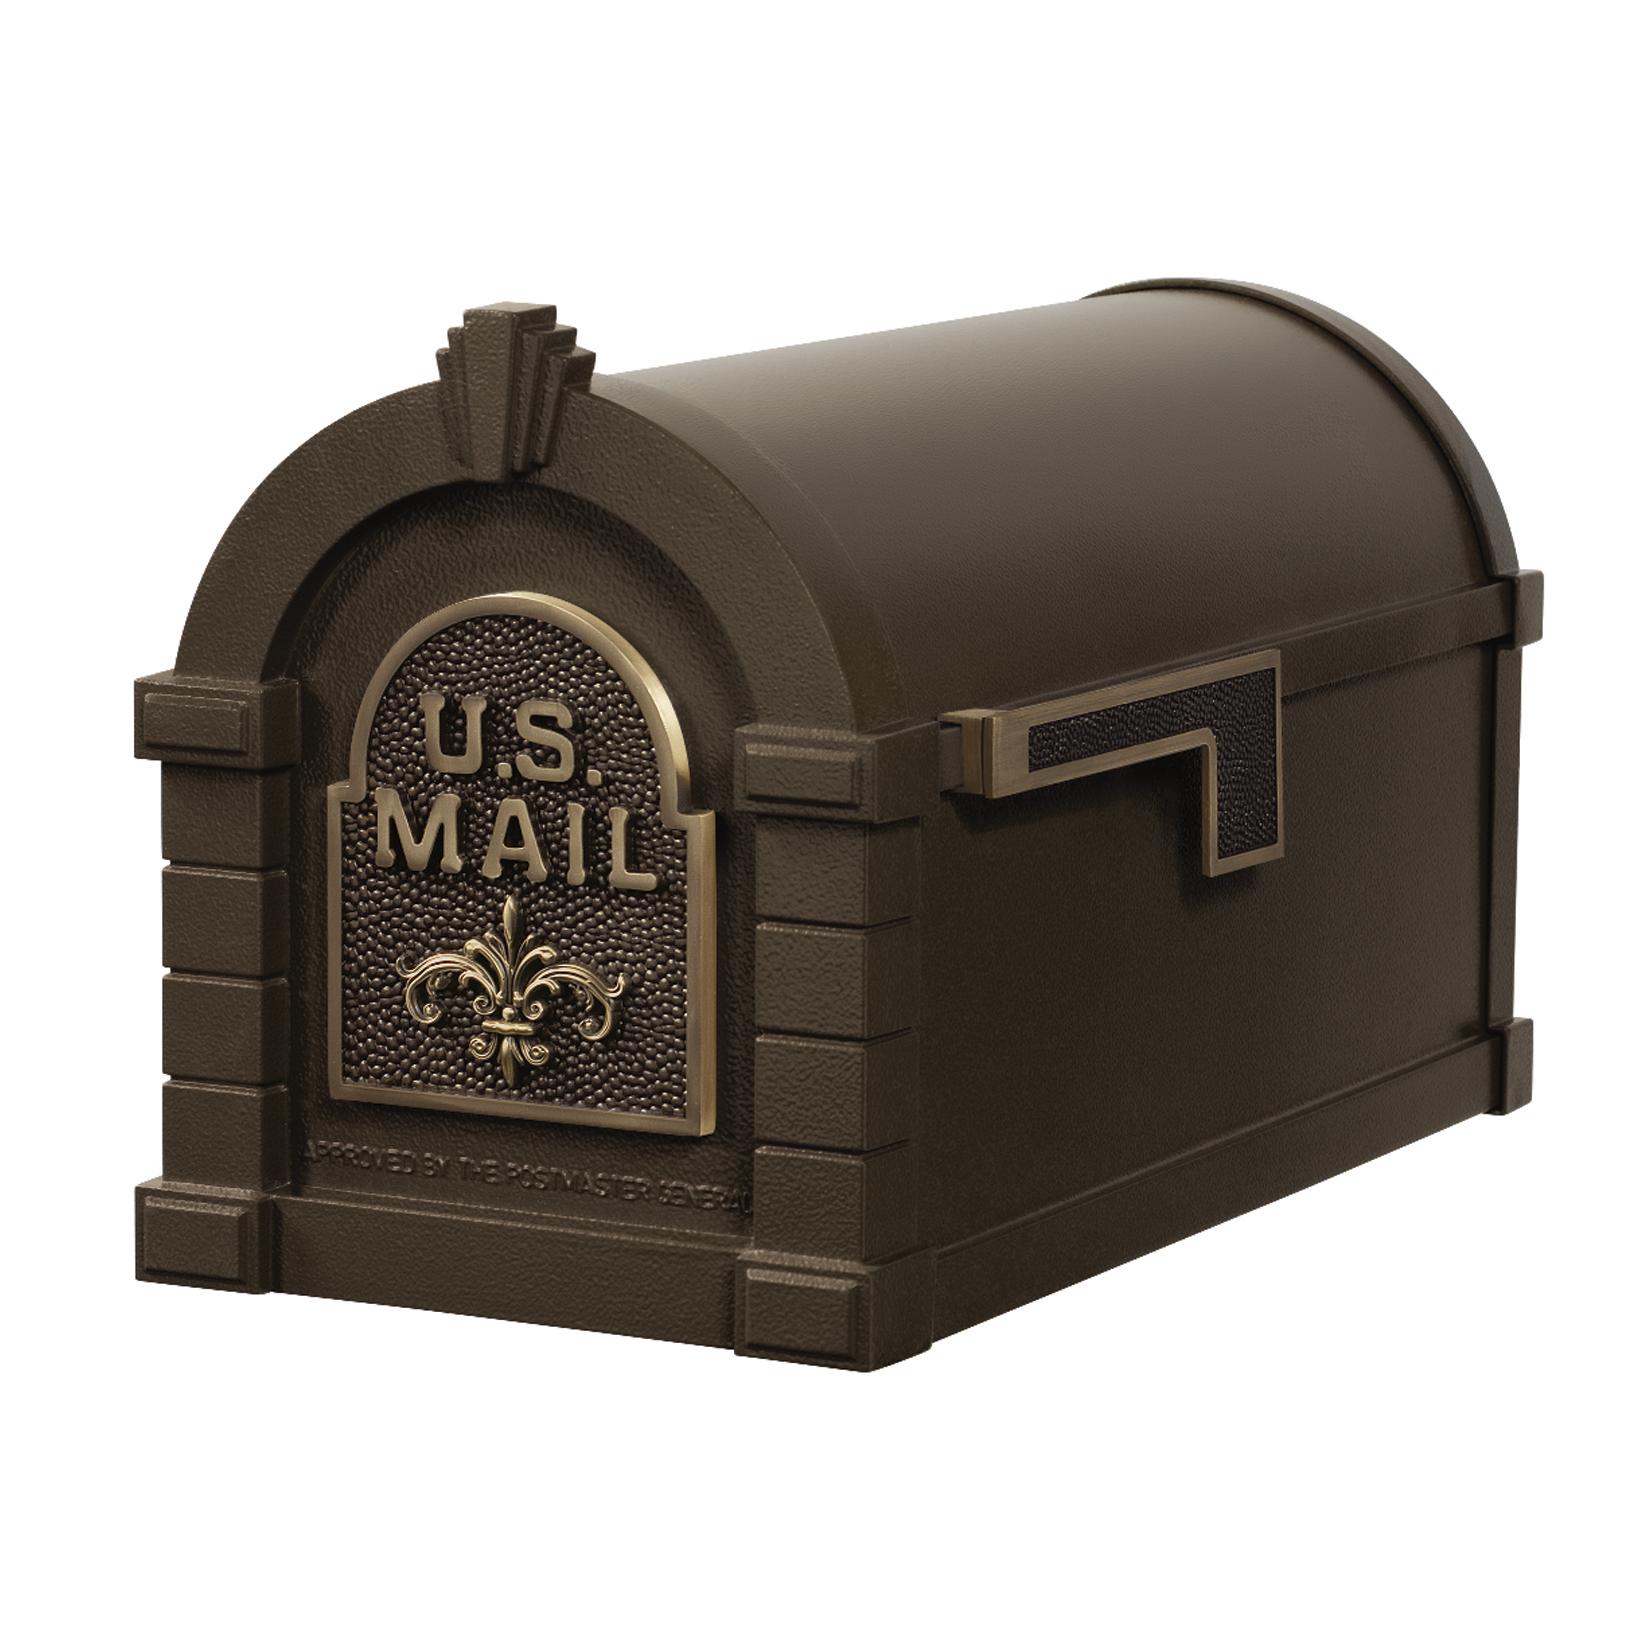 Gaines Fleur De Lis Keystone MailboxesBronze with Antique Bronze